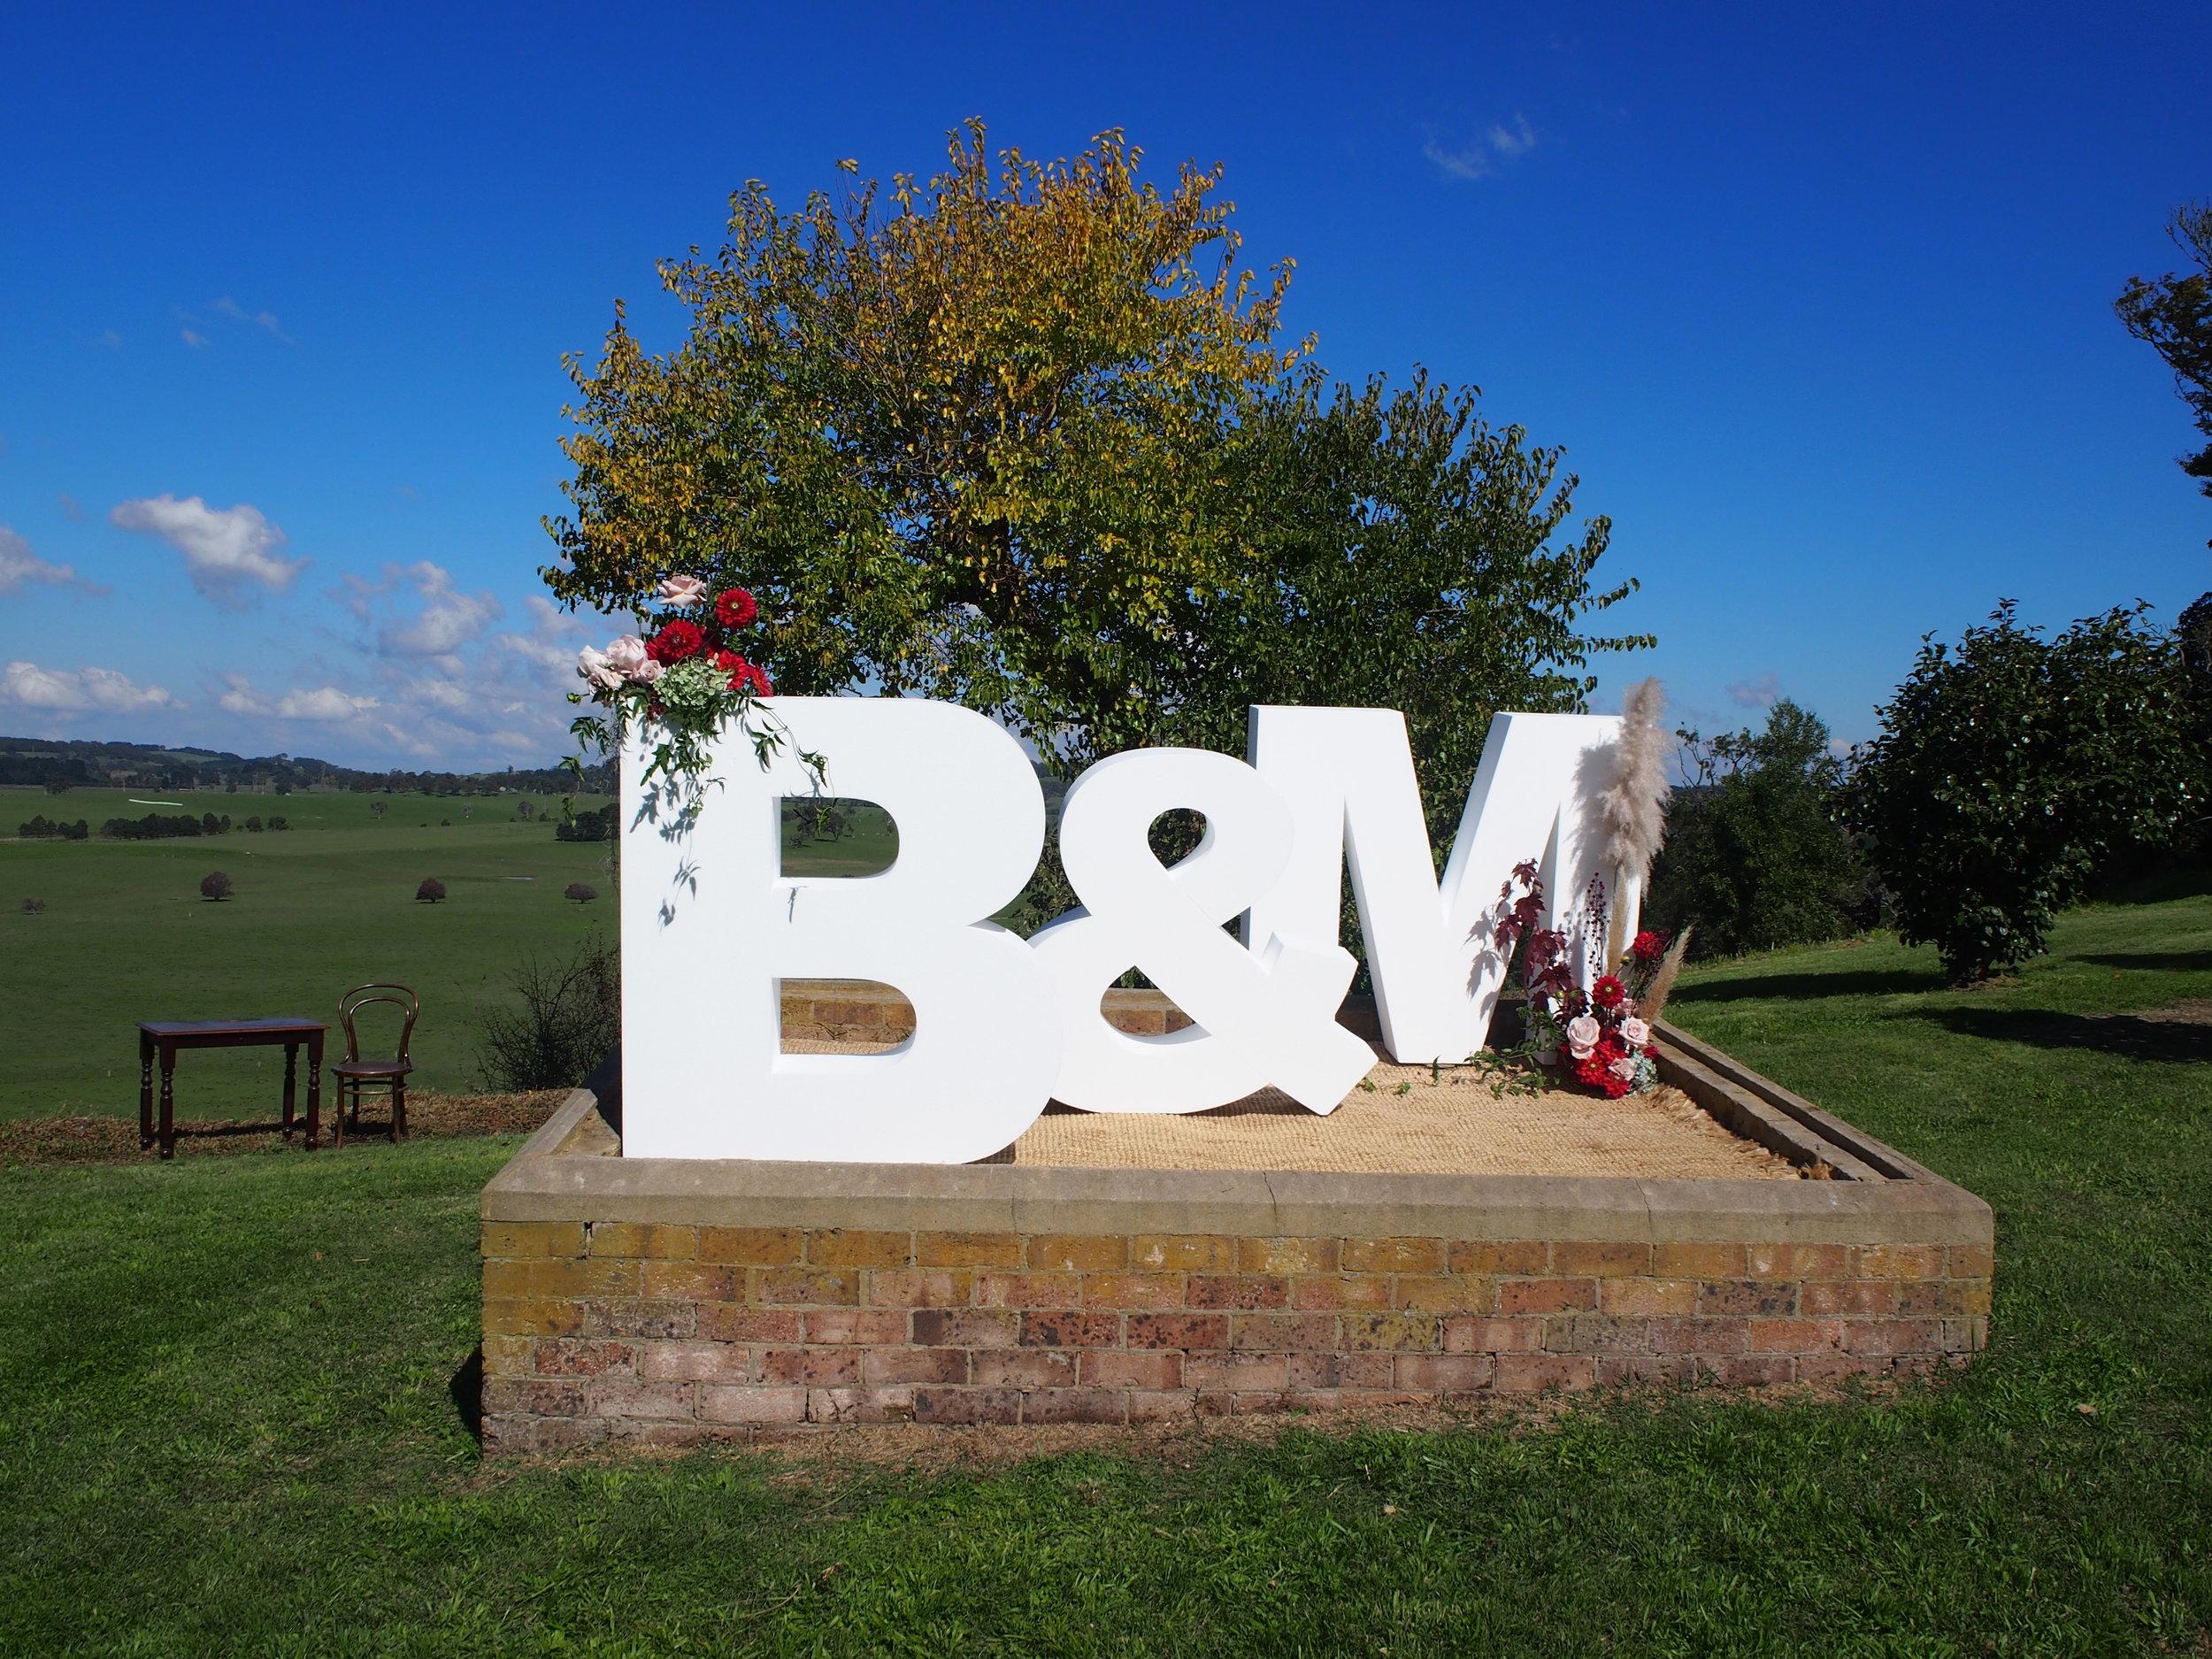 Bloodwood Botanica | Big Giant Floral letters